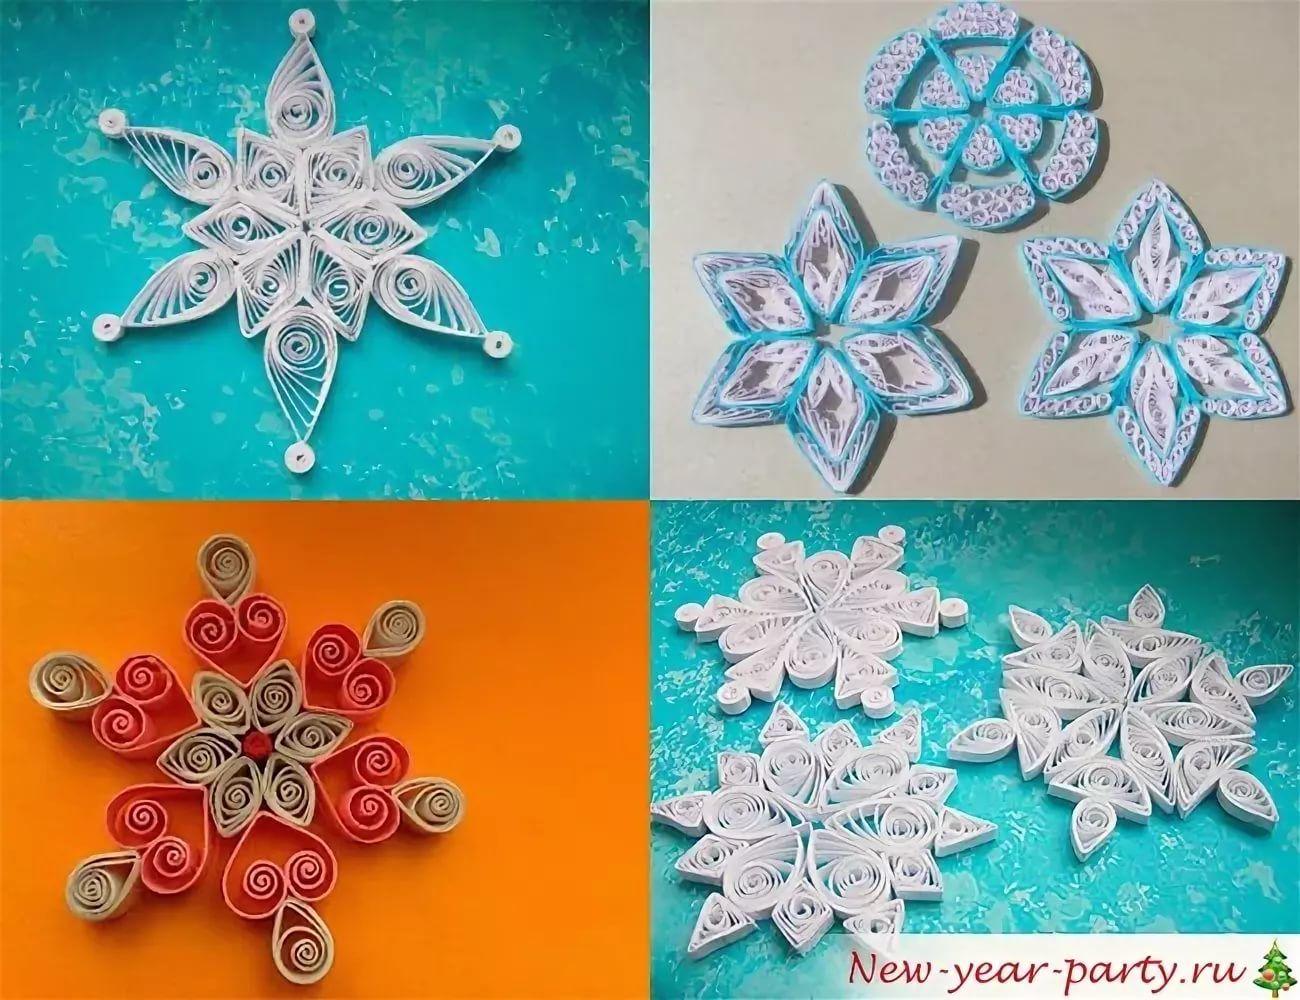 квиллинг снежинки схемы для начинающих: 11 тыс изображений ...